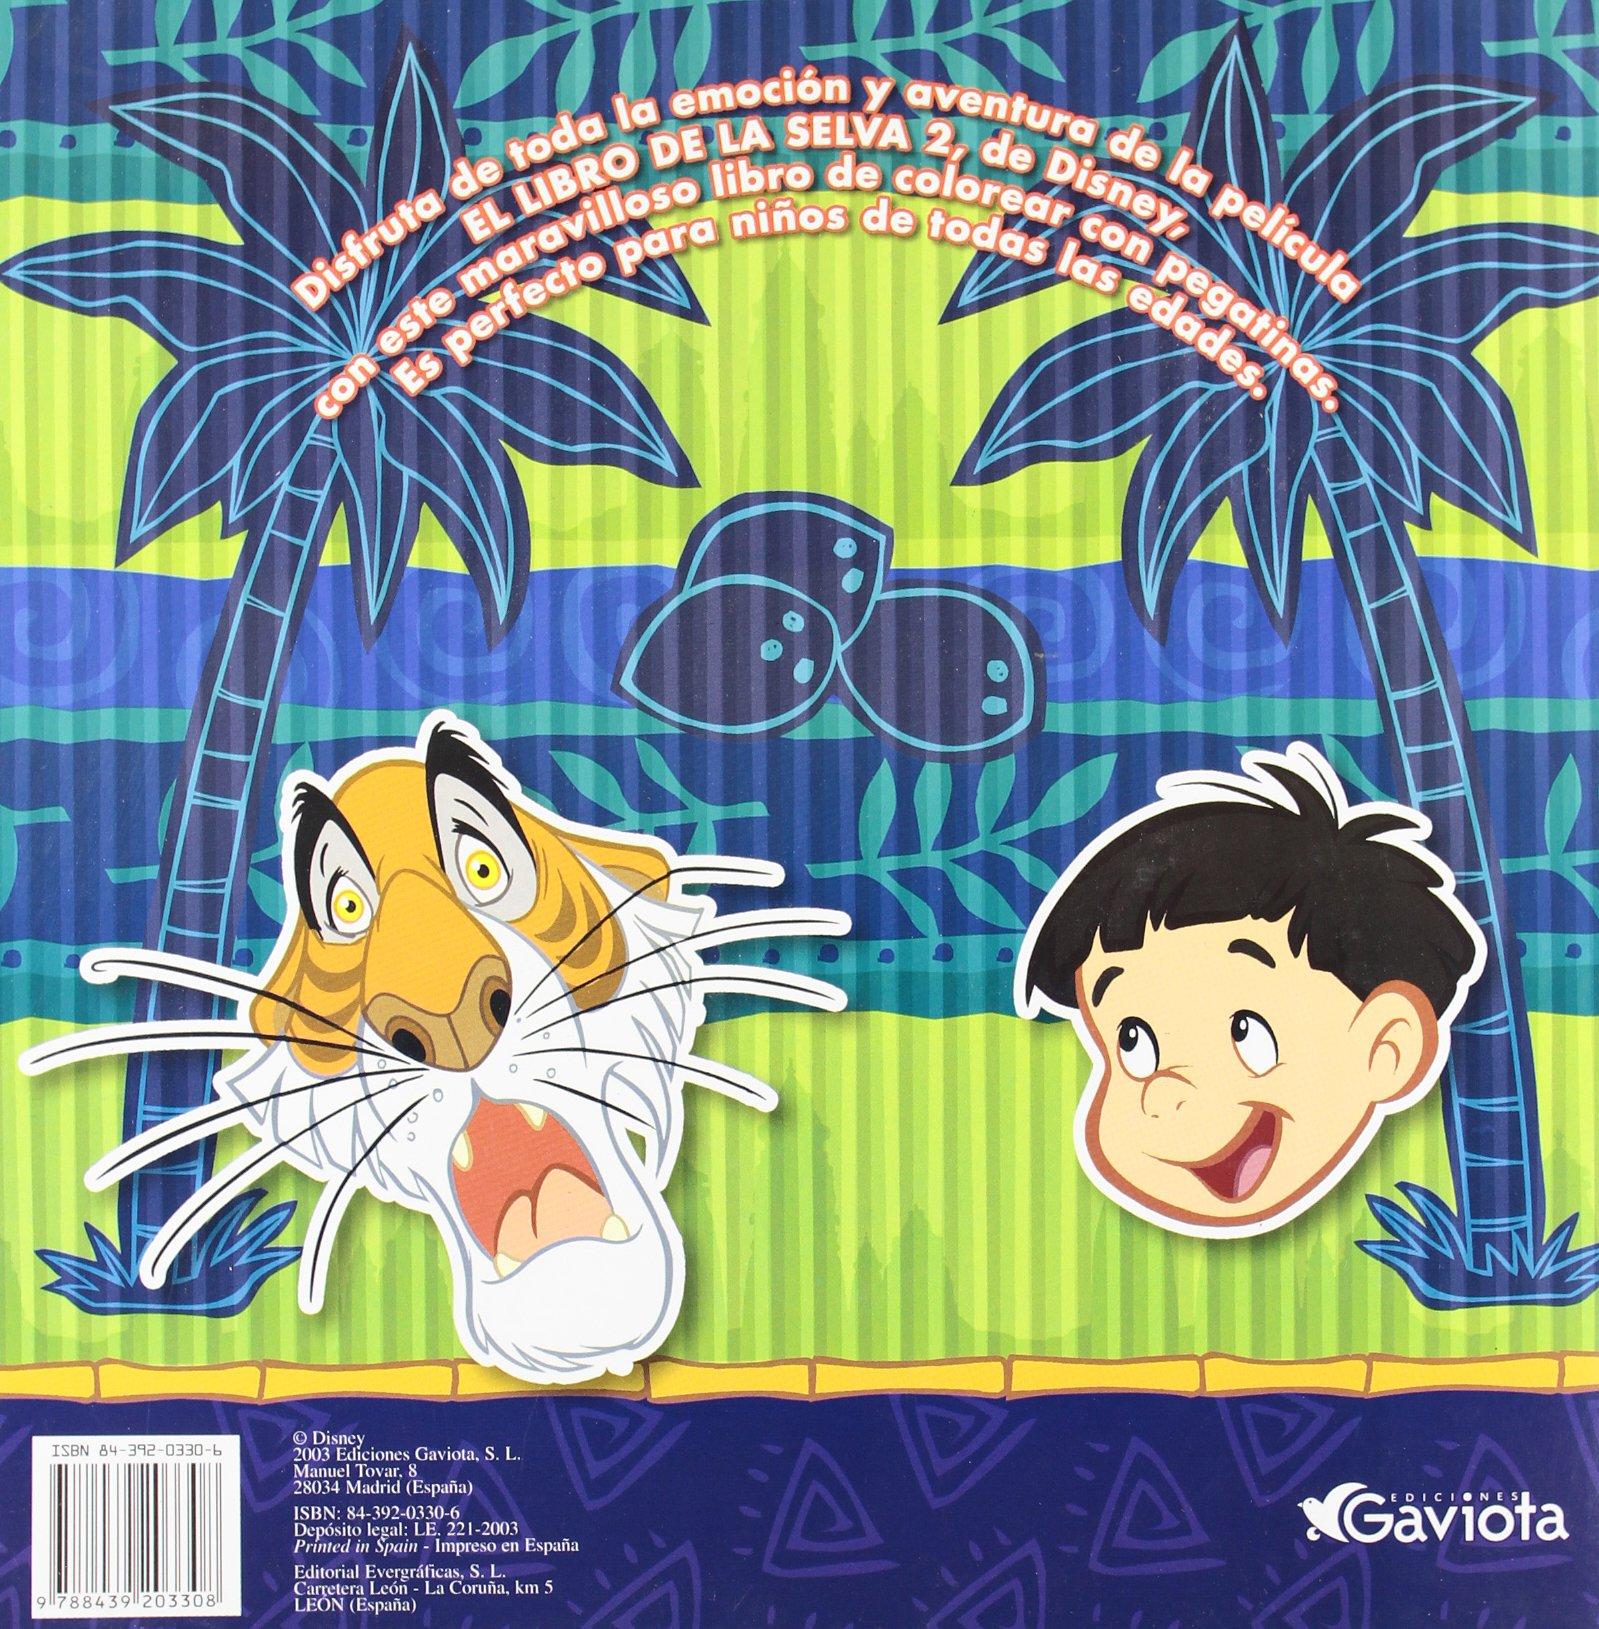 El Libro de la Selva 2 (Coloreo con pegatinas): Amazon.es: Walt Disney Company: Libros